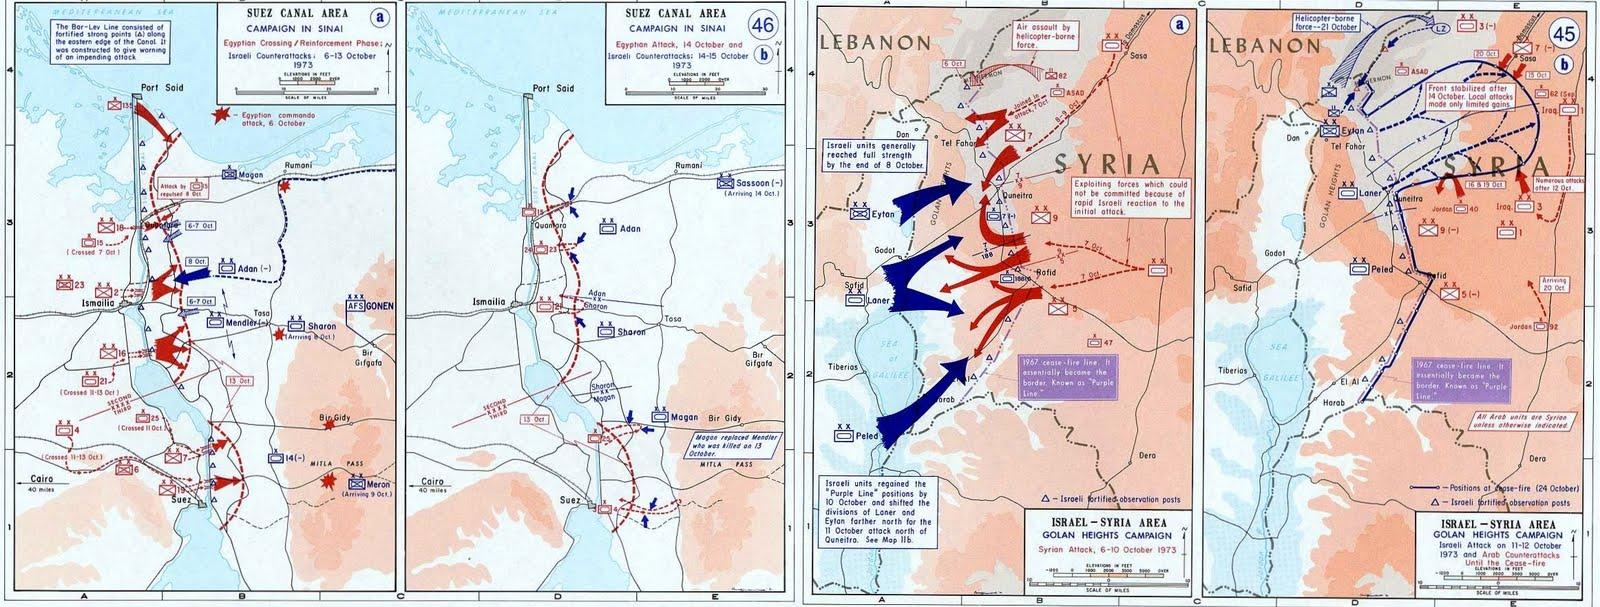 1973_sinai_war_maps-708913